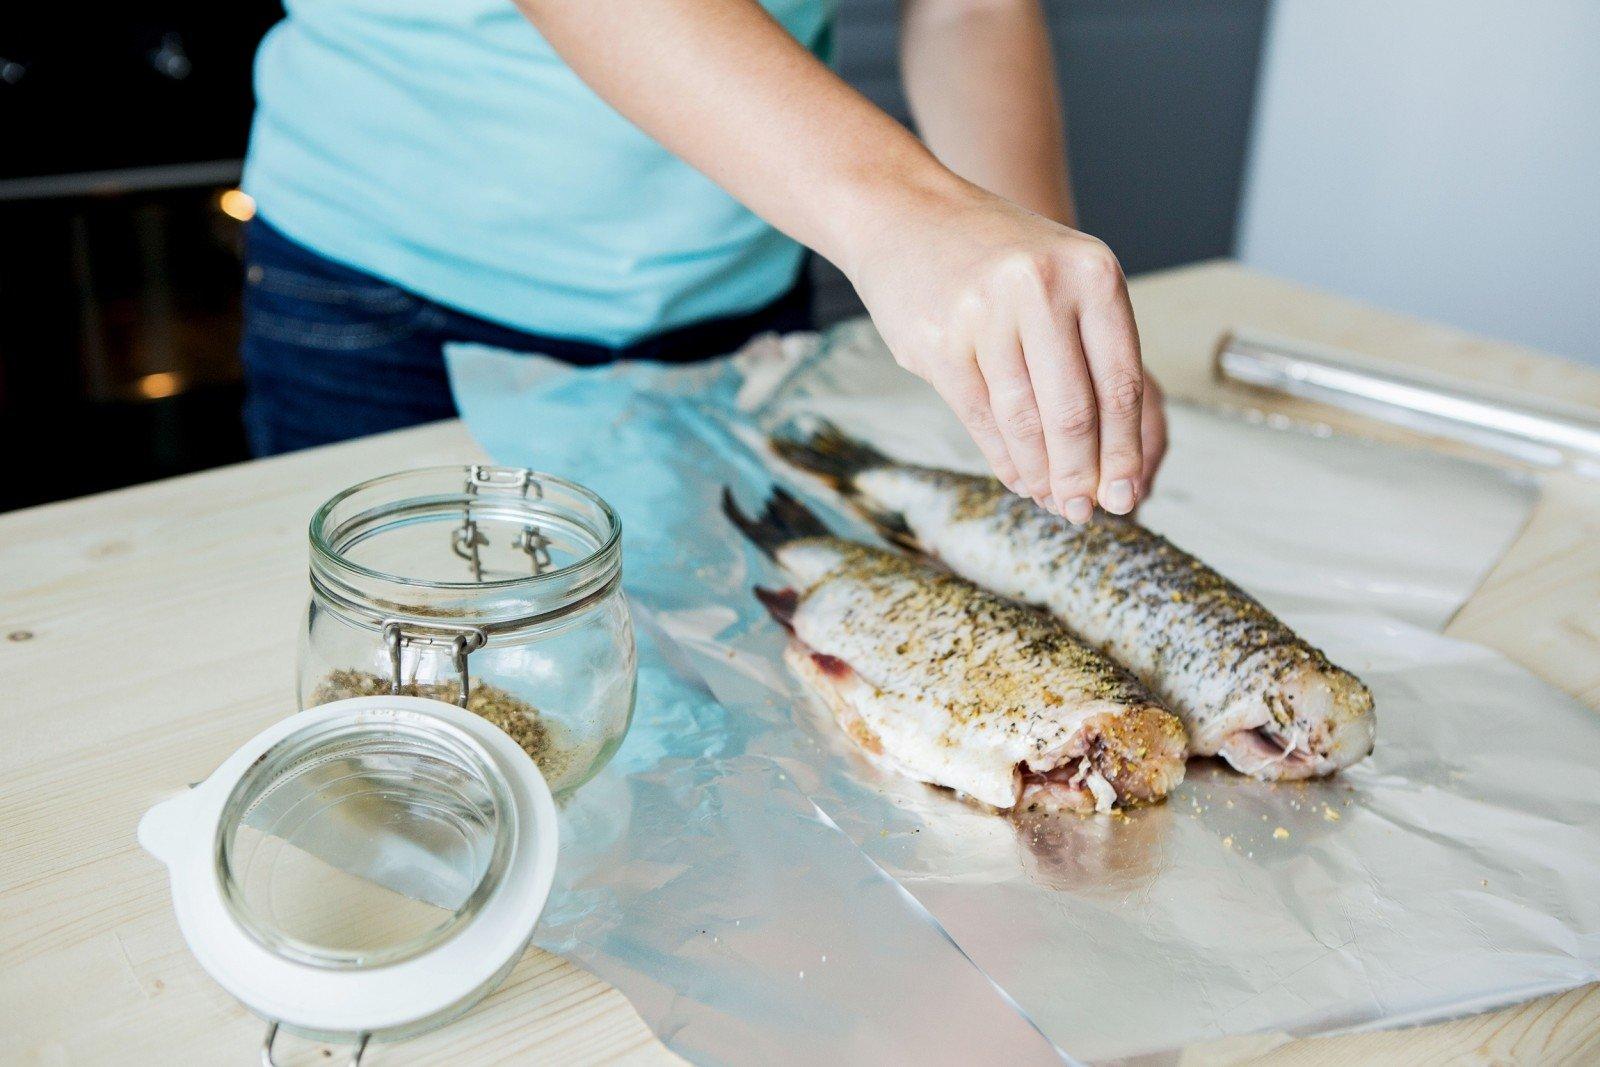 kepta žuvis hipertenzijai gydyti)